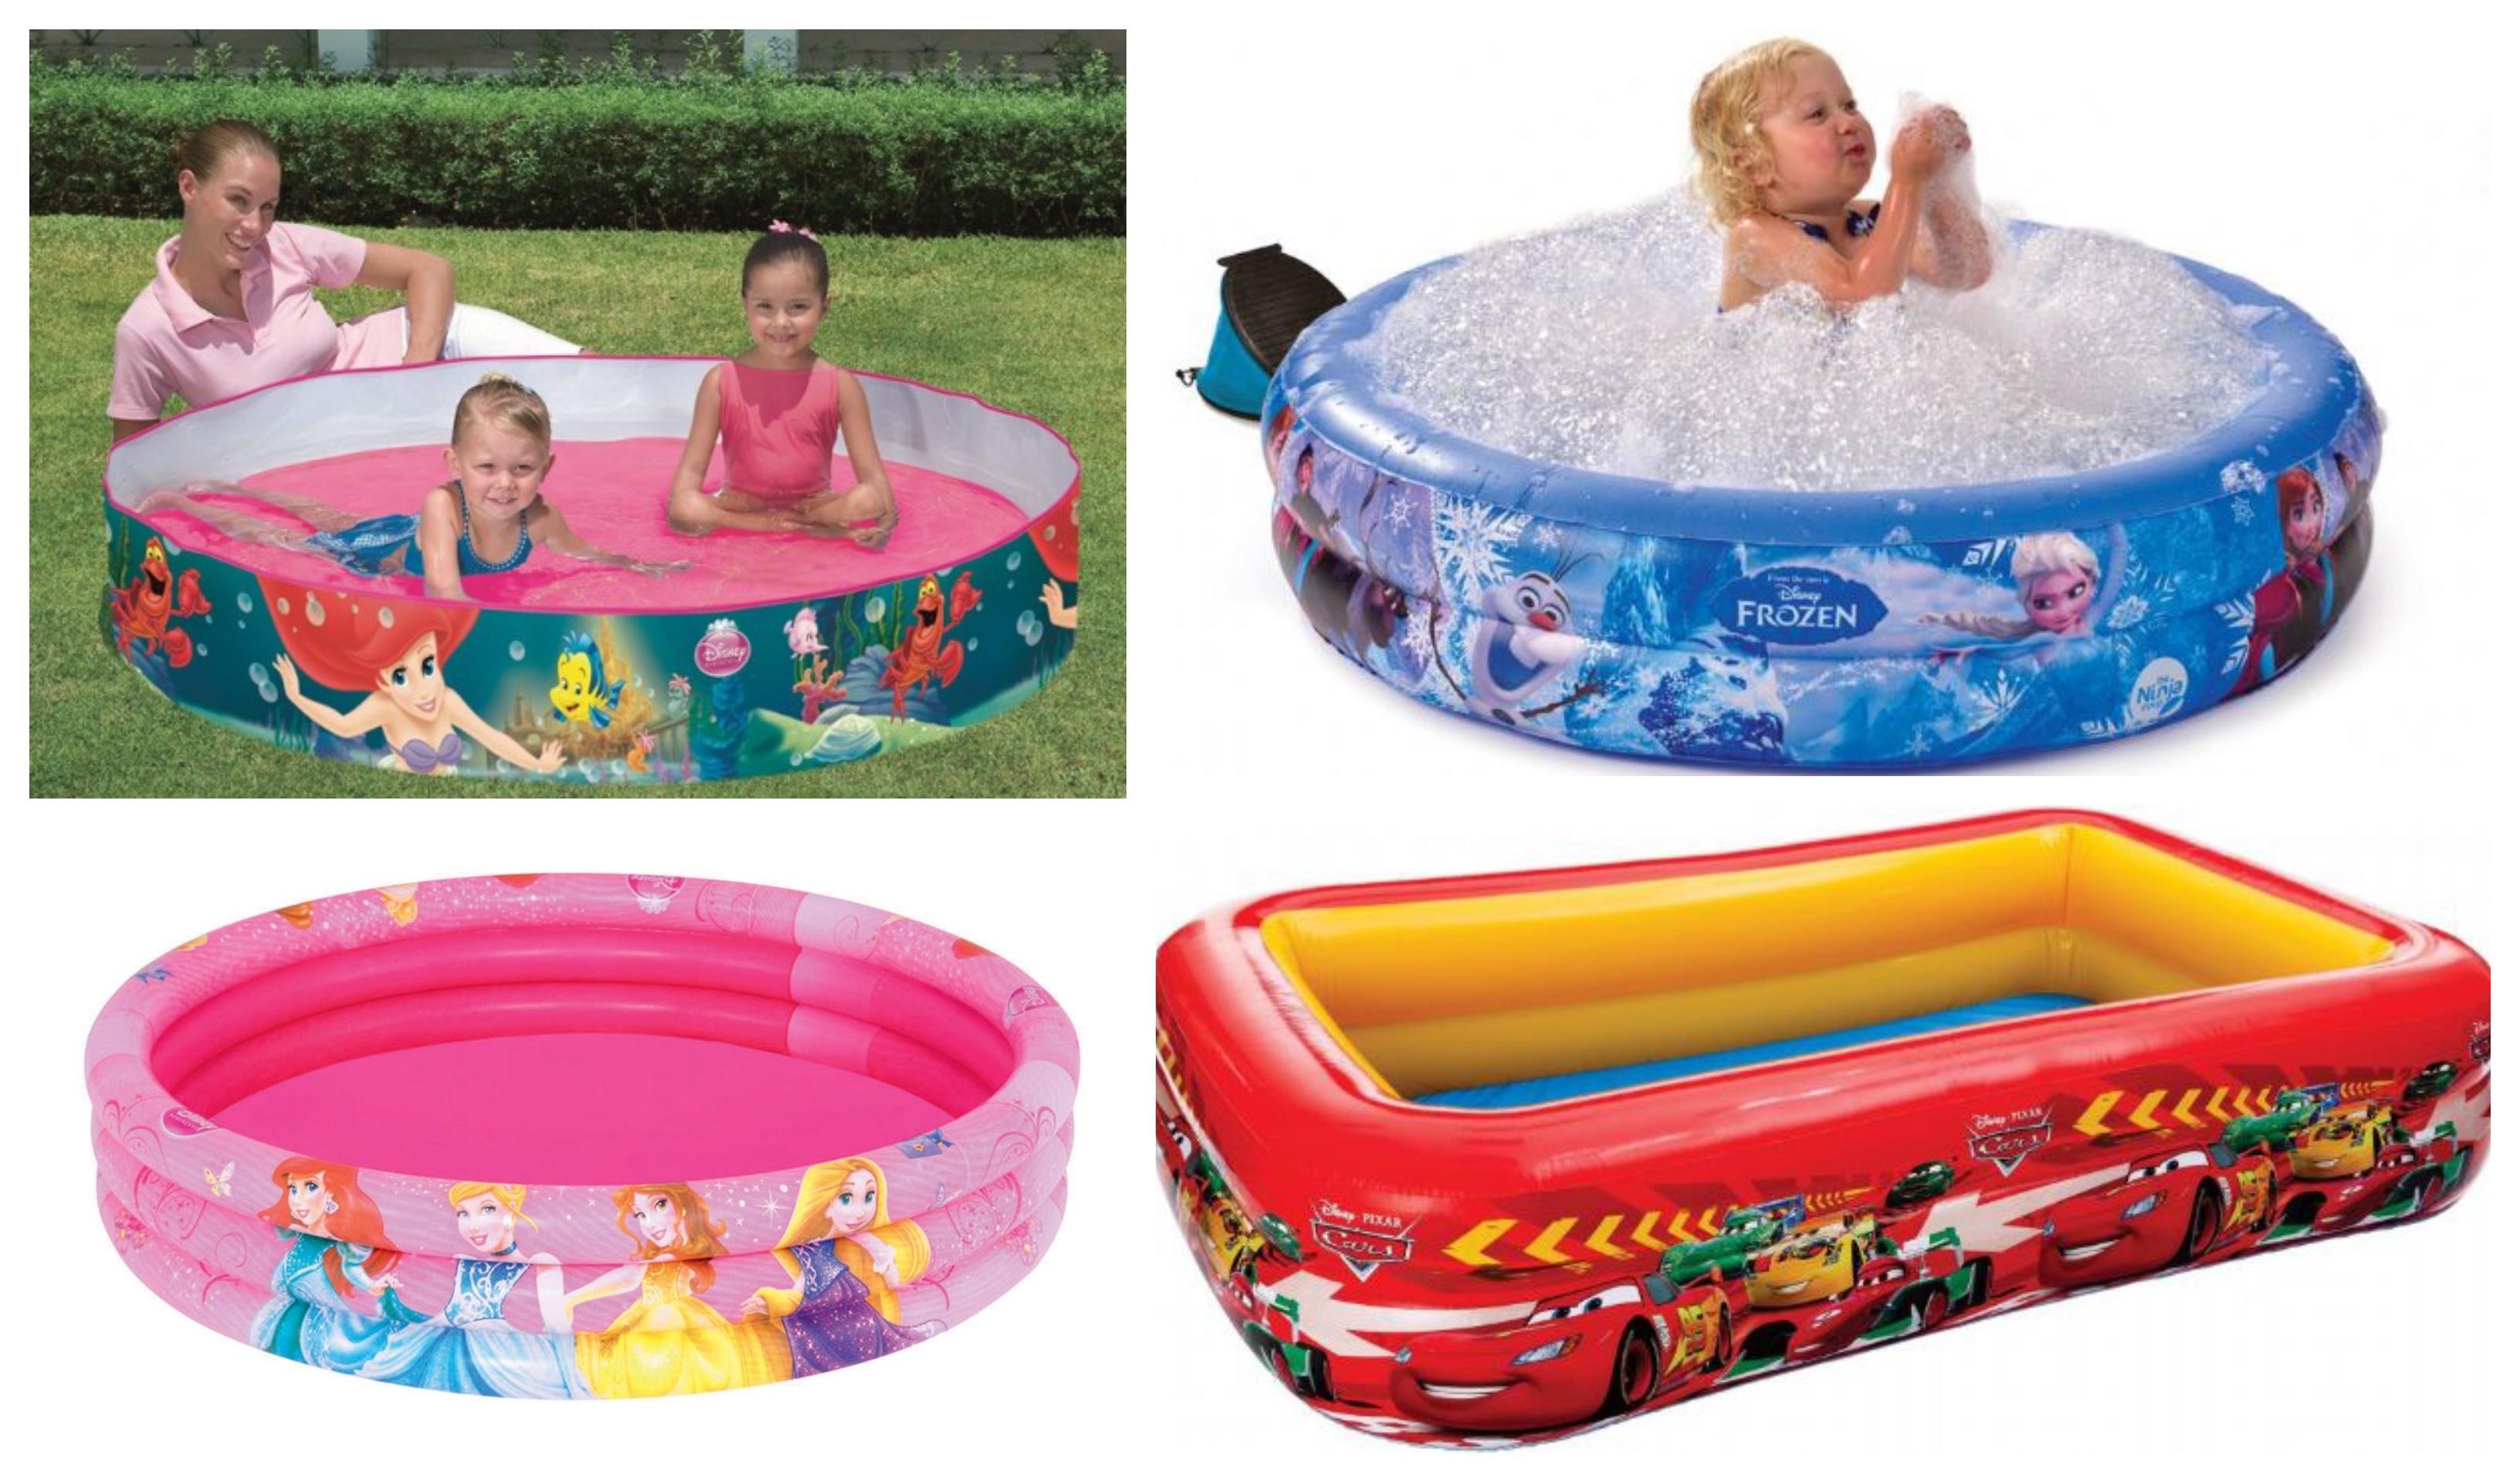 Disney badebassin til børn – hygge i sommervarmen